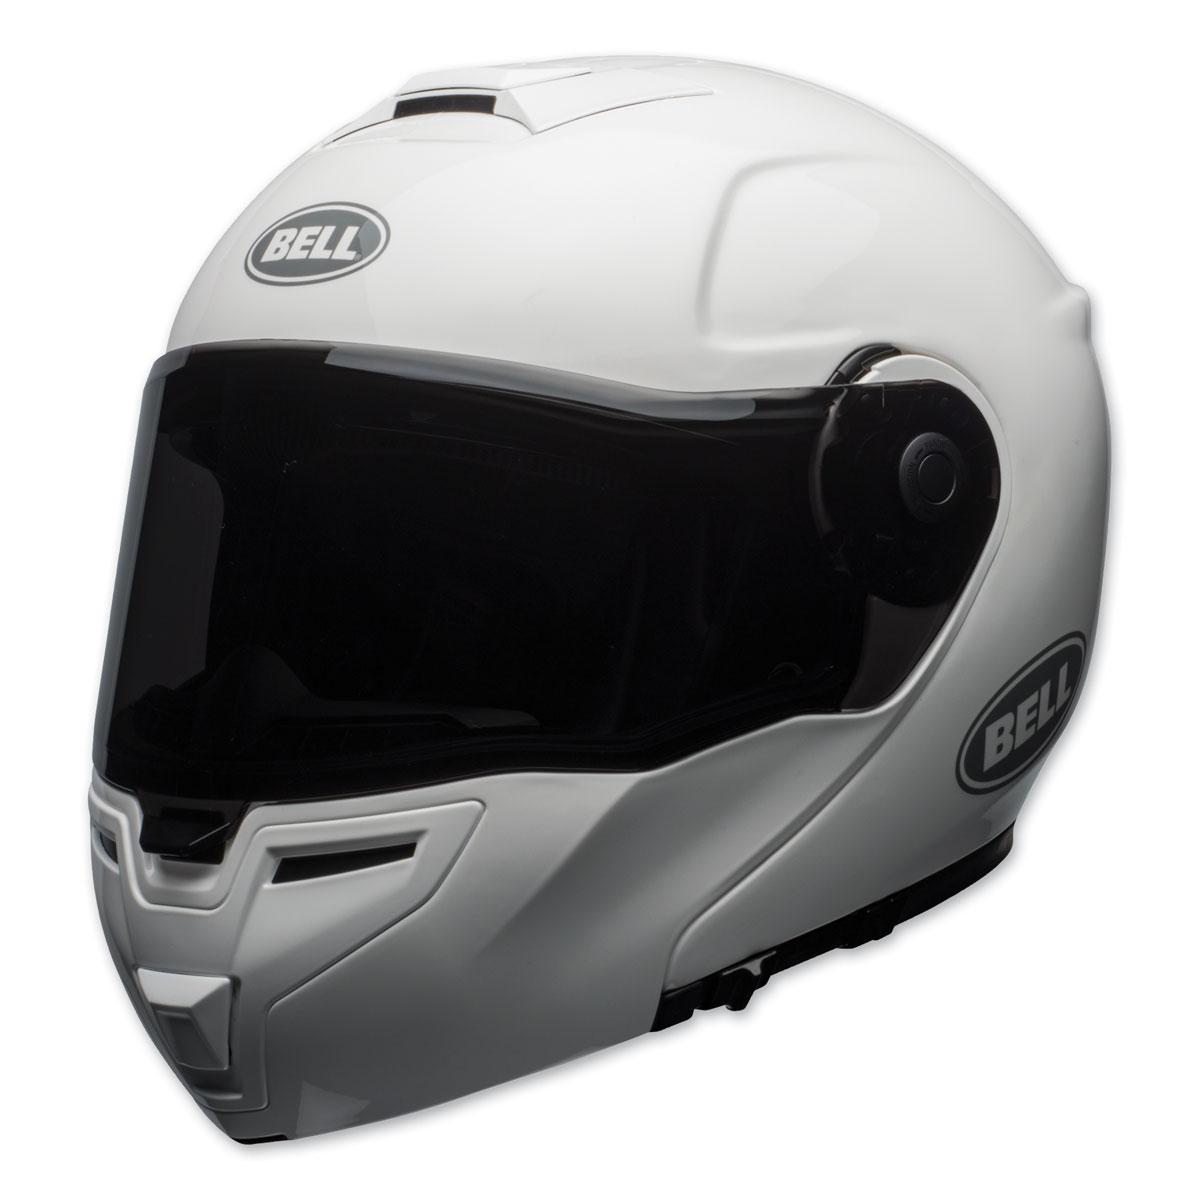 Bell SRT Gloss White Modular Helmet